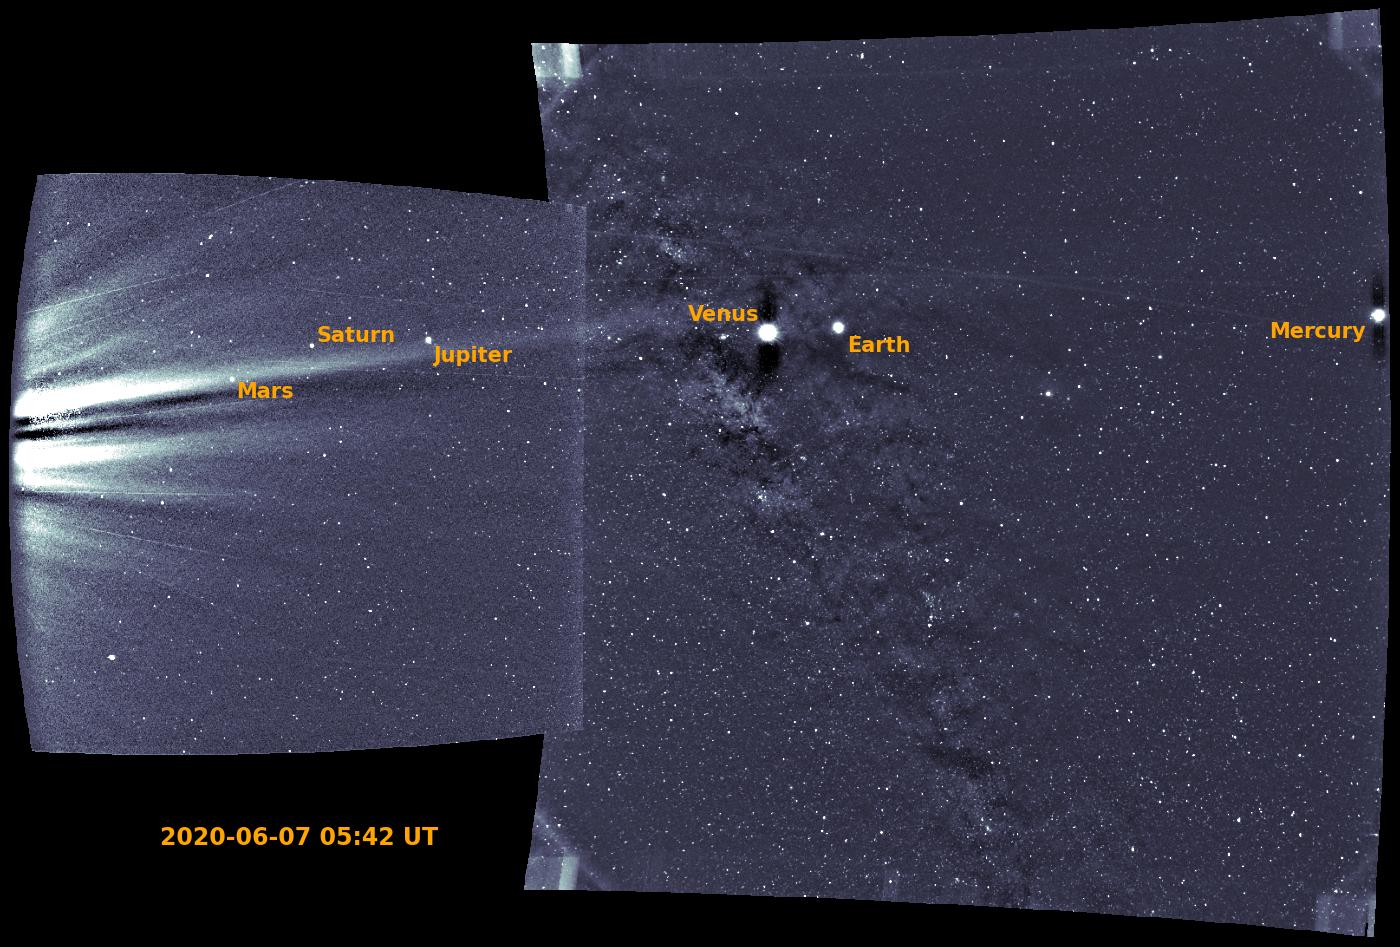 La sonde solaire Parker de la NASA a repéré six planètes différentes le 7 juin 2020, avec le soleil hors cadre à gauche.